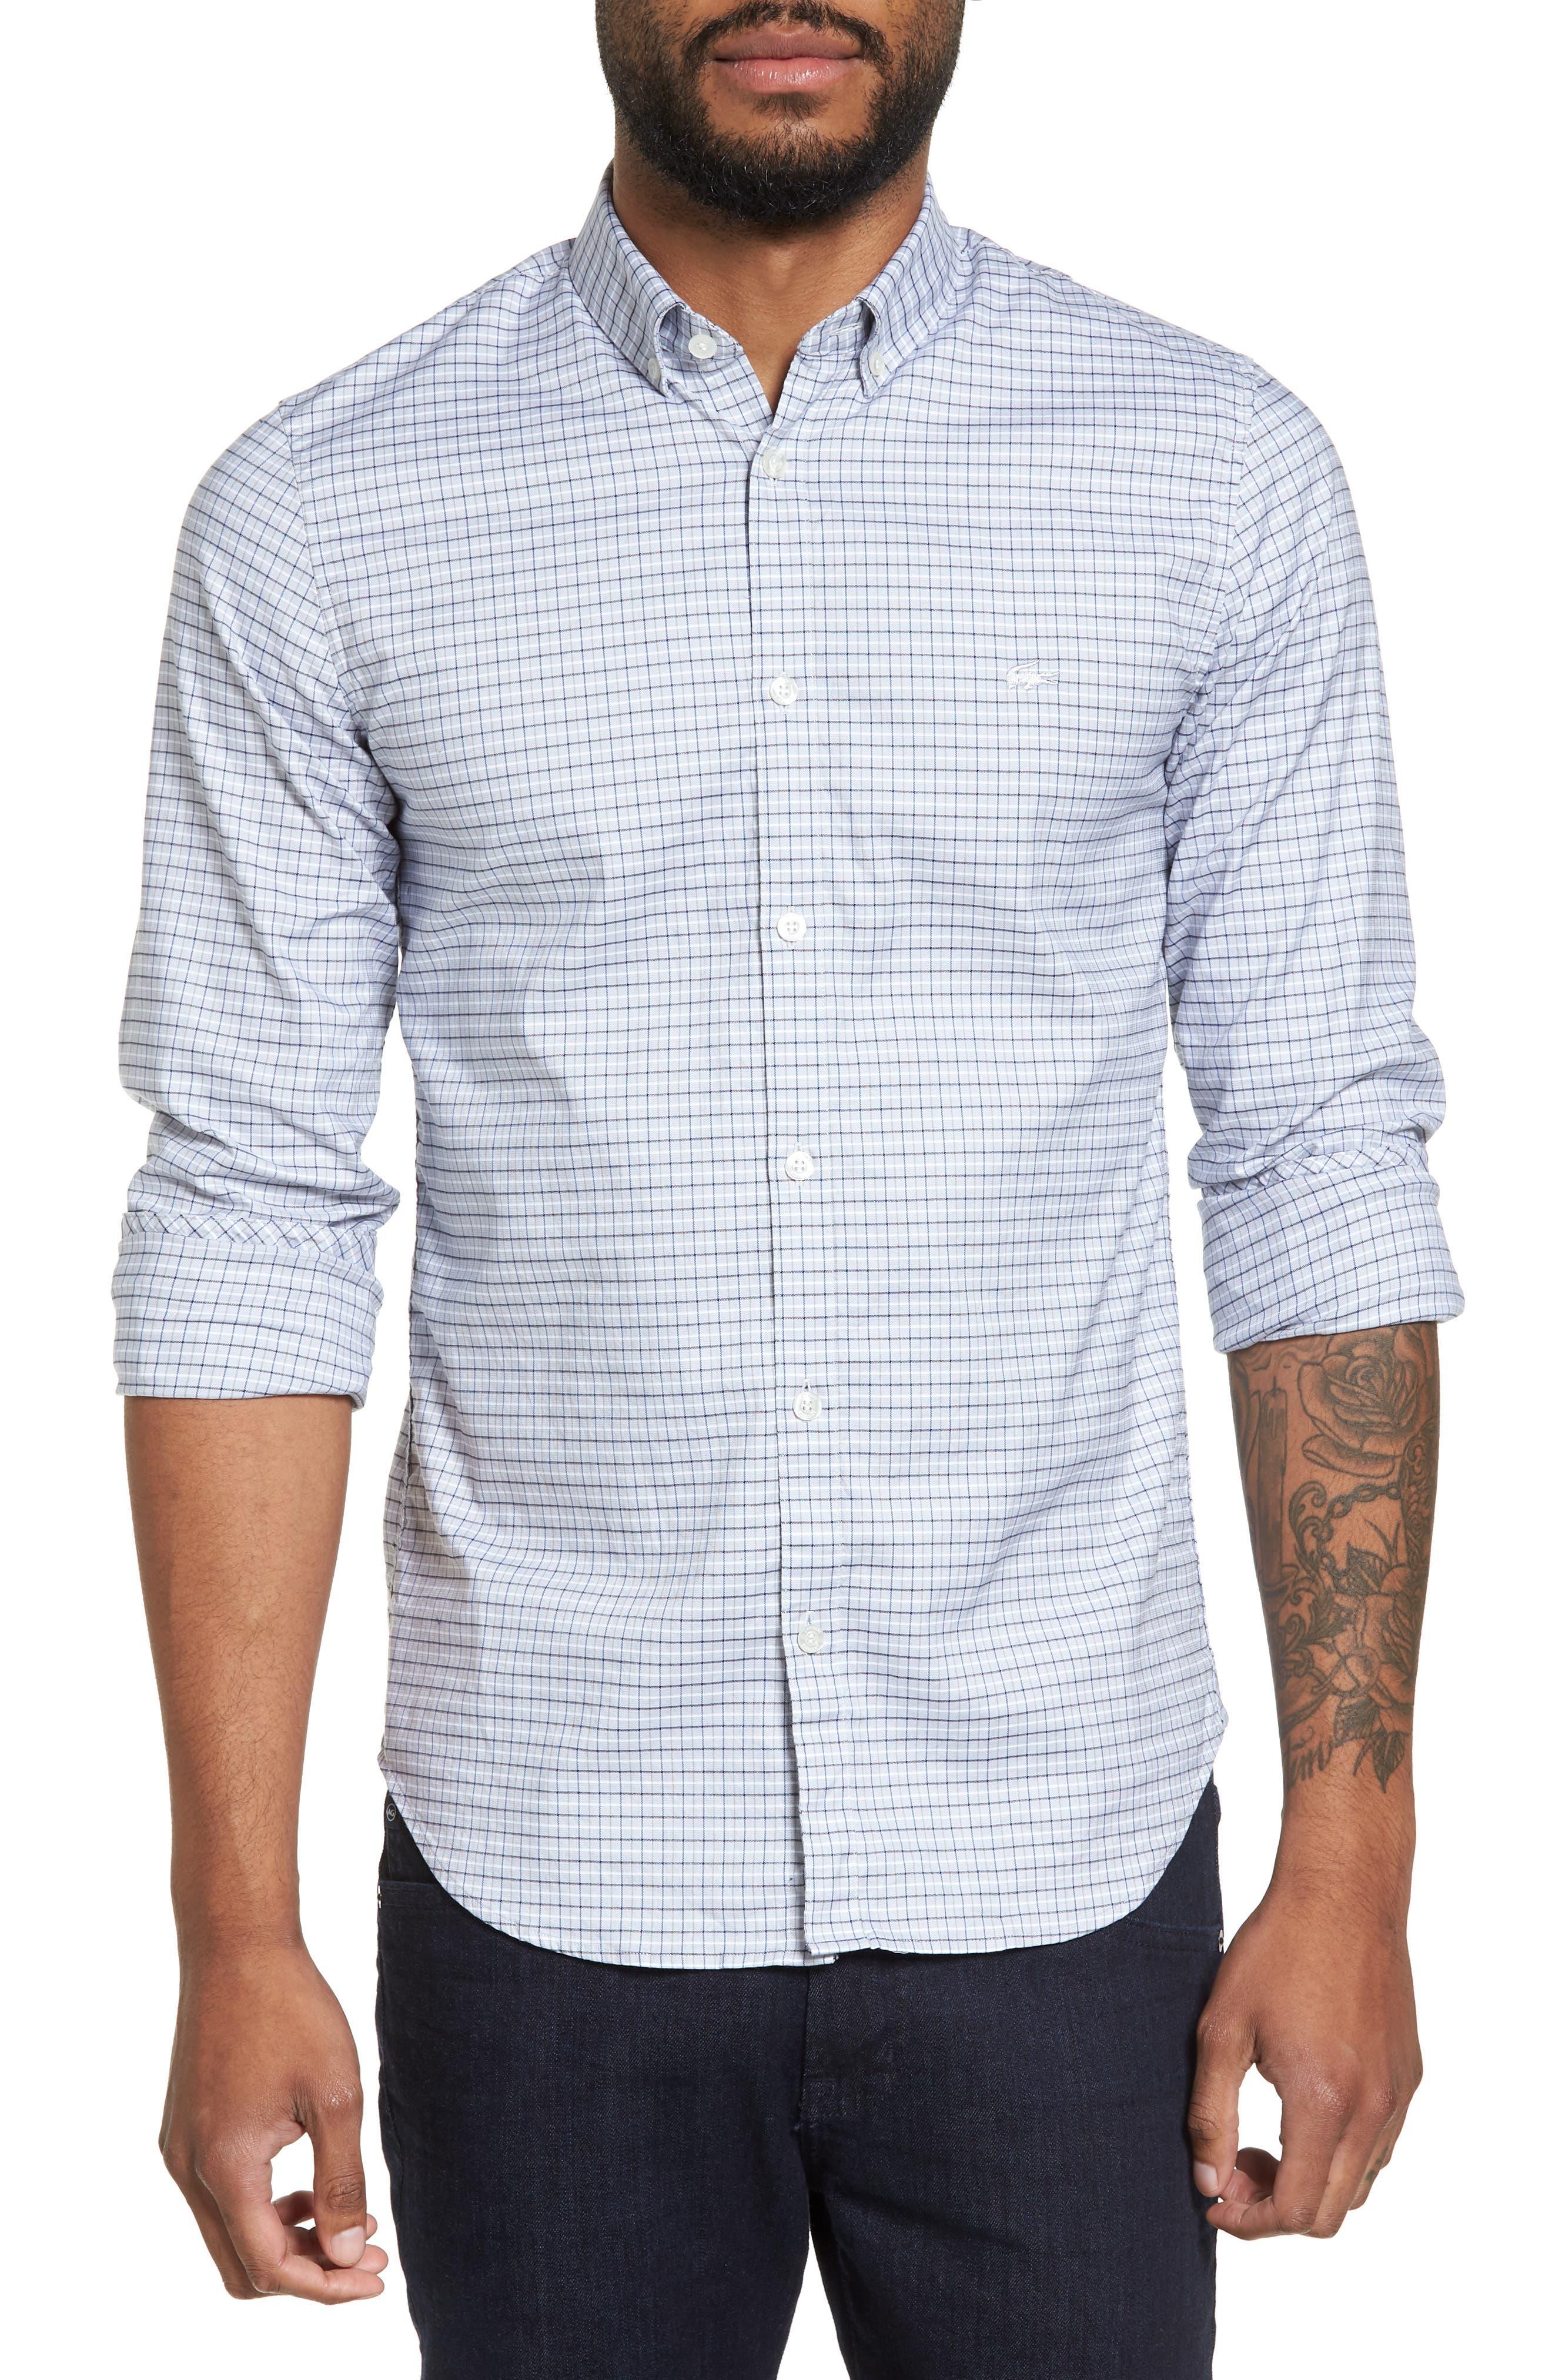 Lacoste Slim Fit Plaid Shirt